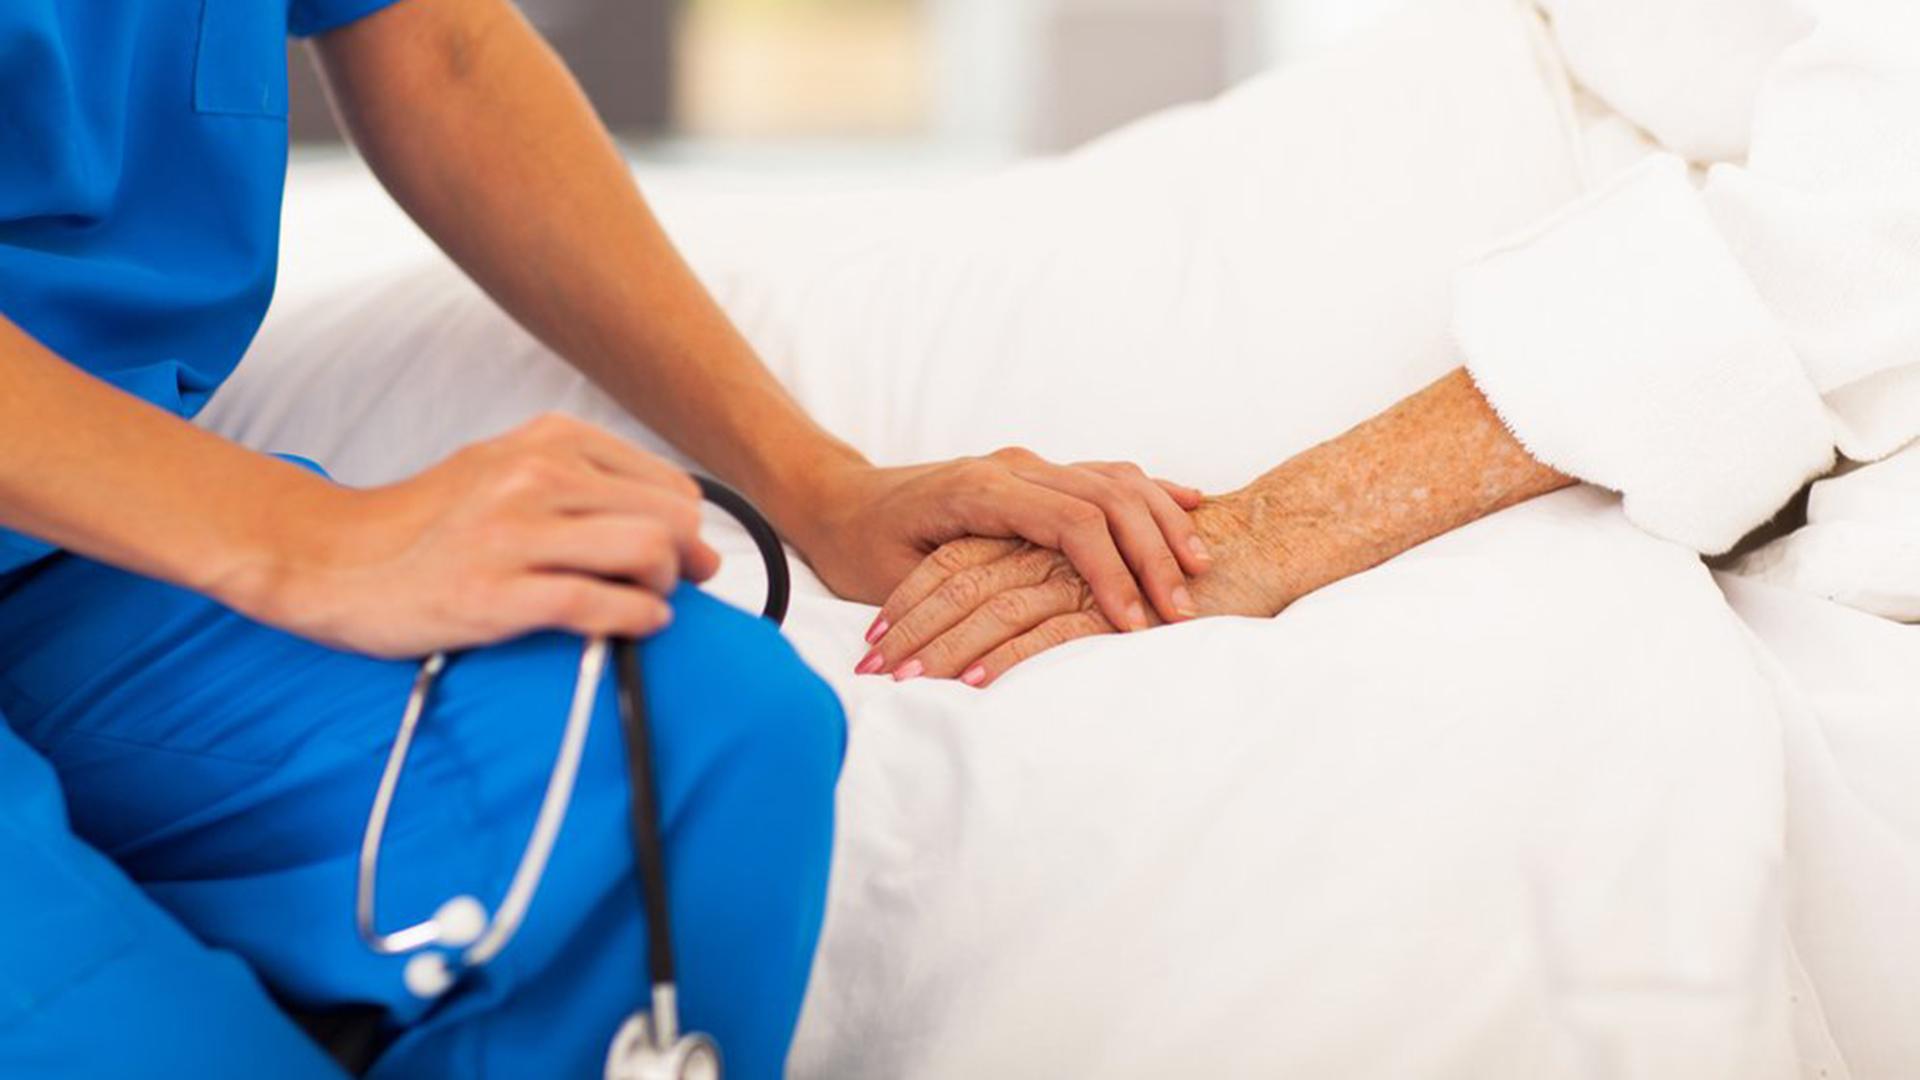 Reikalingi specialistai: slaugytojai, slaugytojo padėjėjai, vyr. virėjas